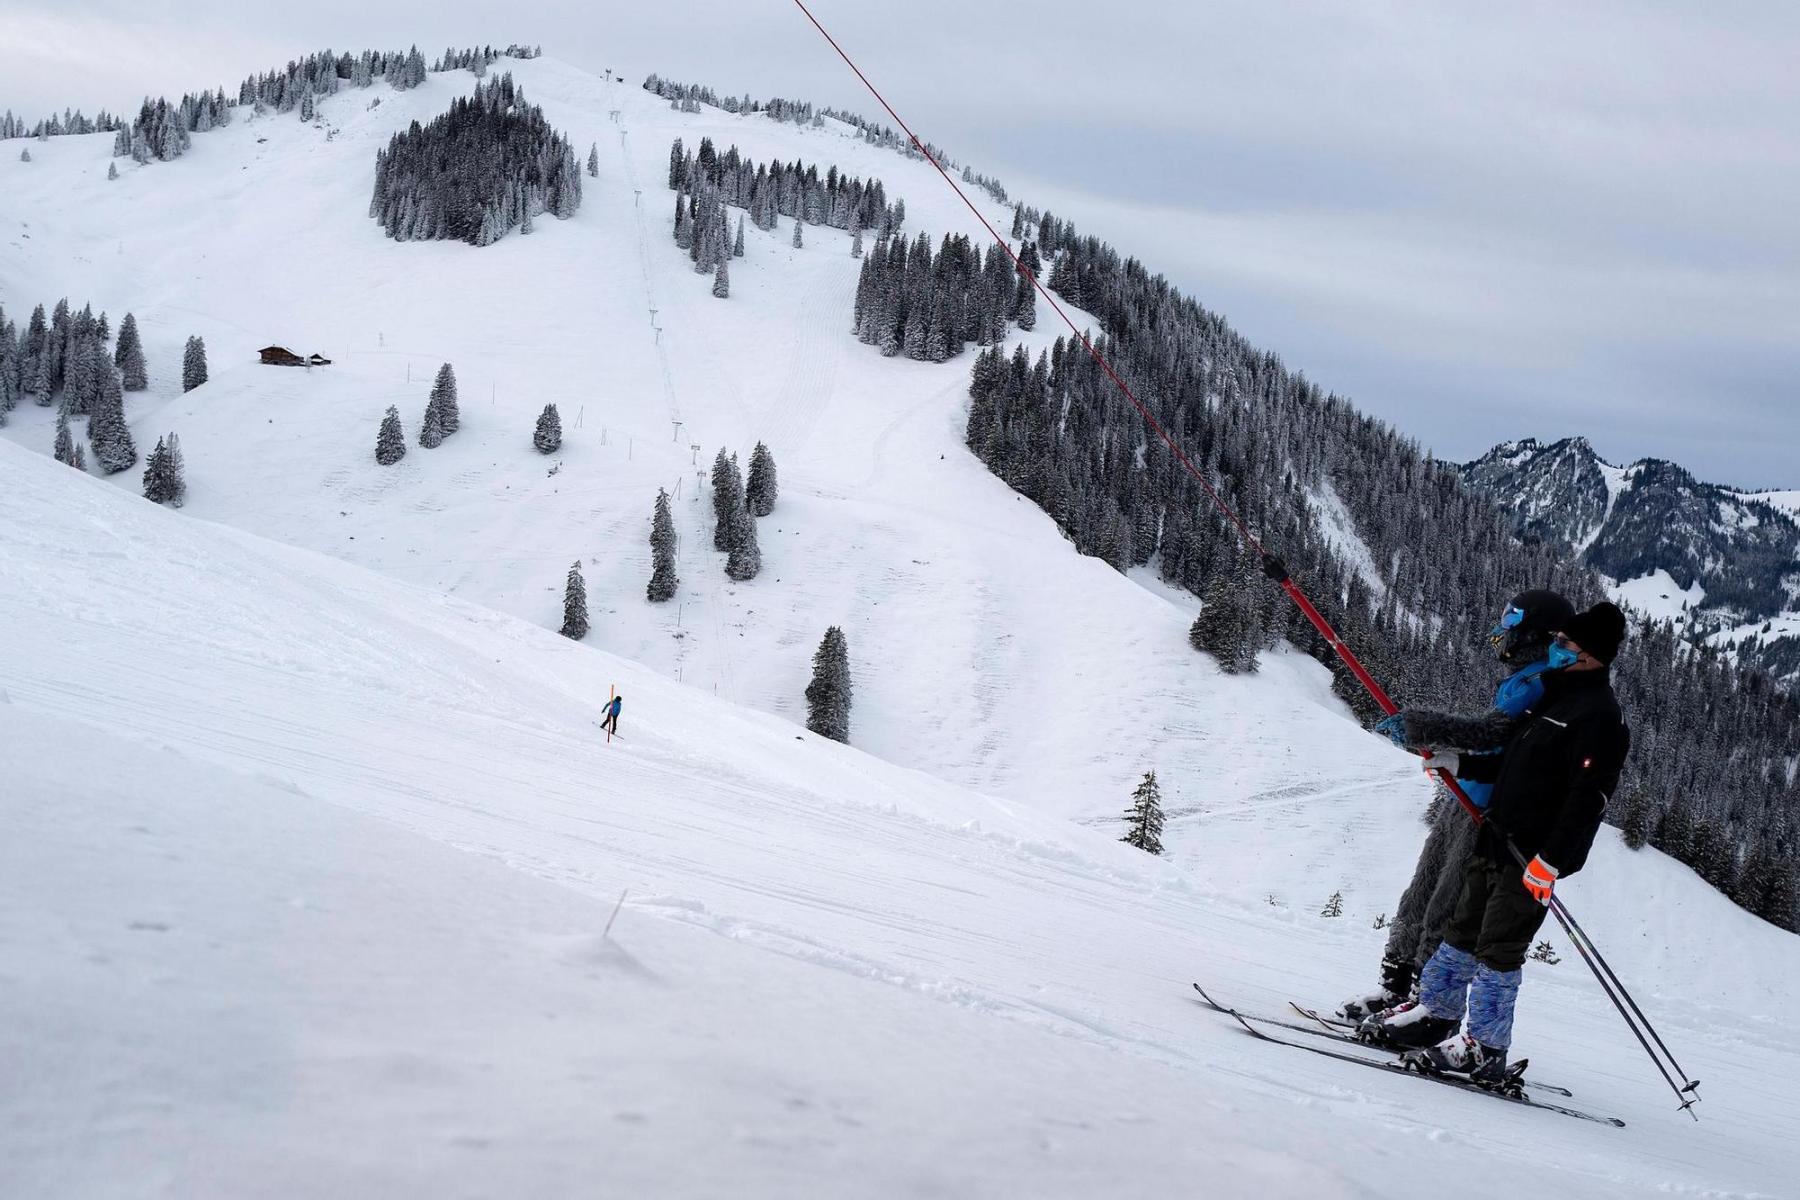 Im Dezember startet mit vielen Misstönen und gleichzeitiger Euphorie die Skisaison. Ski- und Snowboardfahrer mit Mund- und Nasenschutz im Skigebiet Wiriehorn im Diemtigtal am Sonntag, 27.12.2020. Foto: Christian Pfander